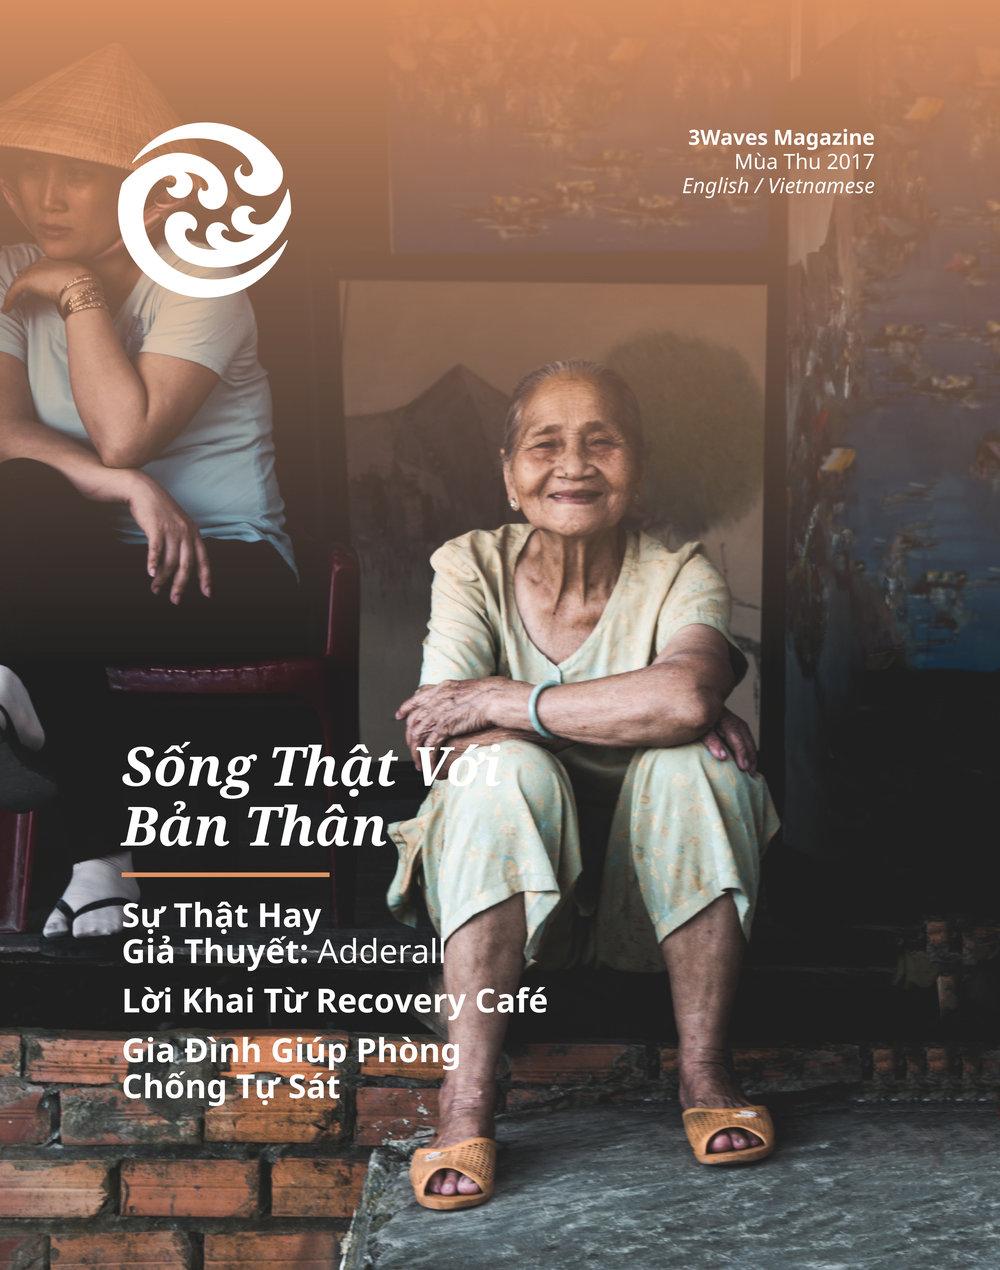 Issue 12 - September 2017: Vietnamese